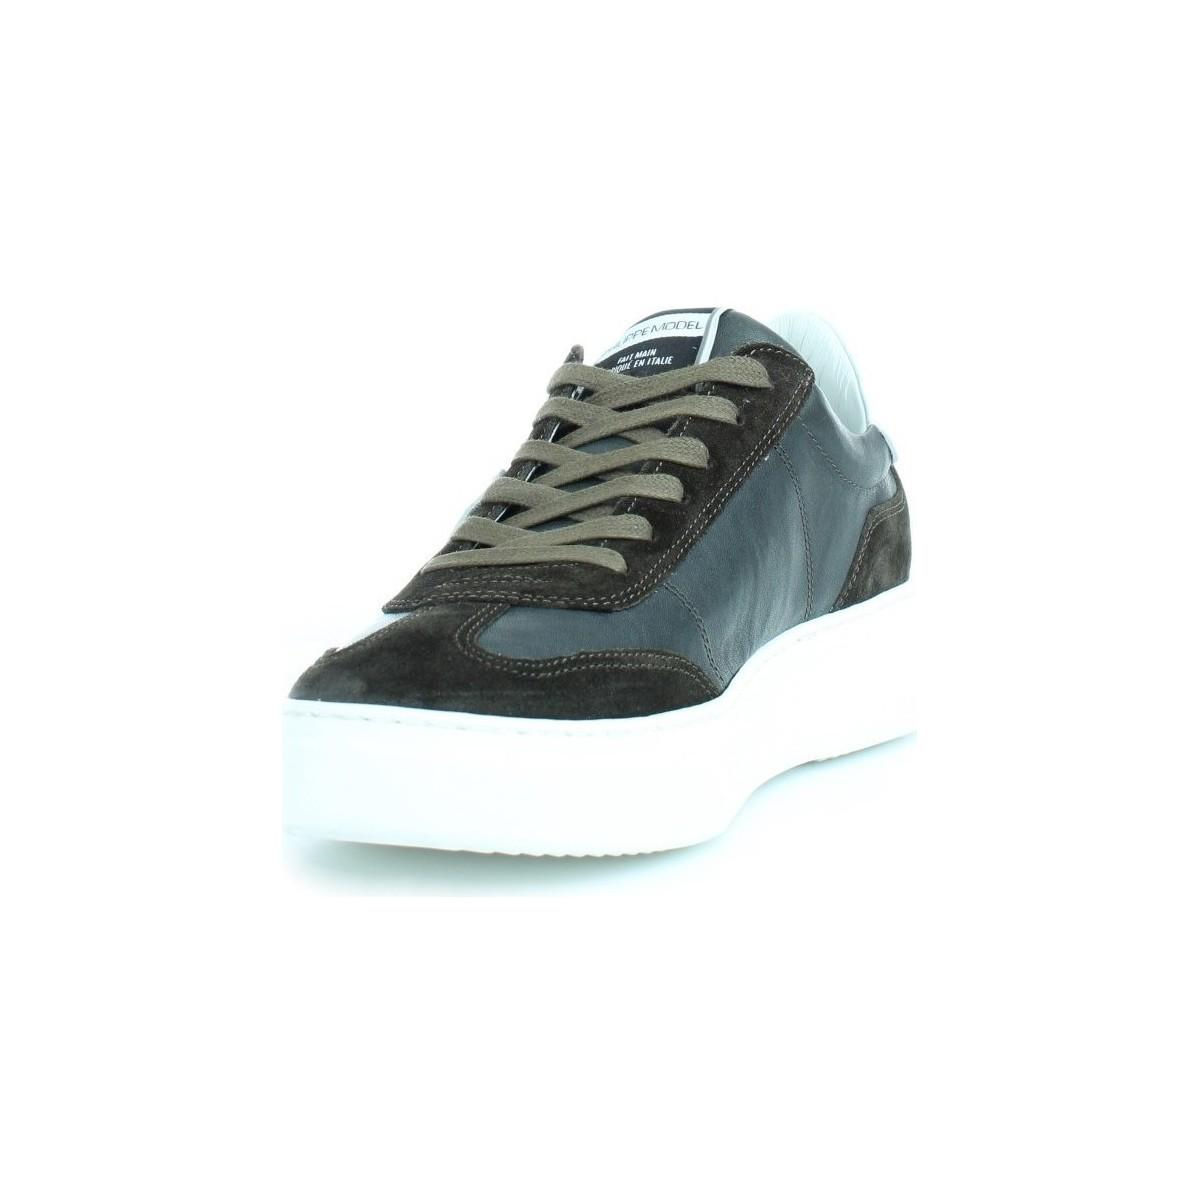 A19IBALUWX Chaussures Philippe Model pour homme en coloris Vert